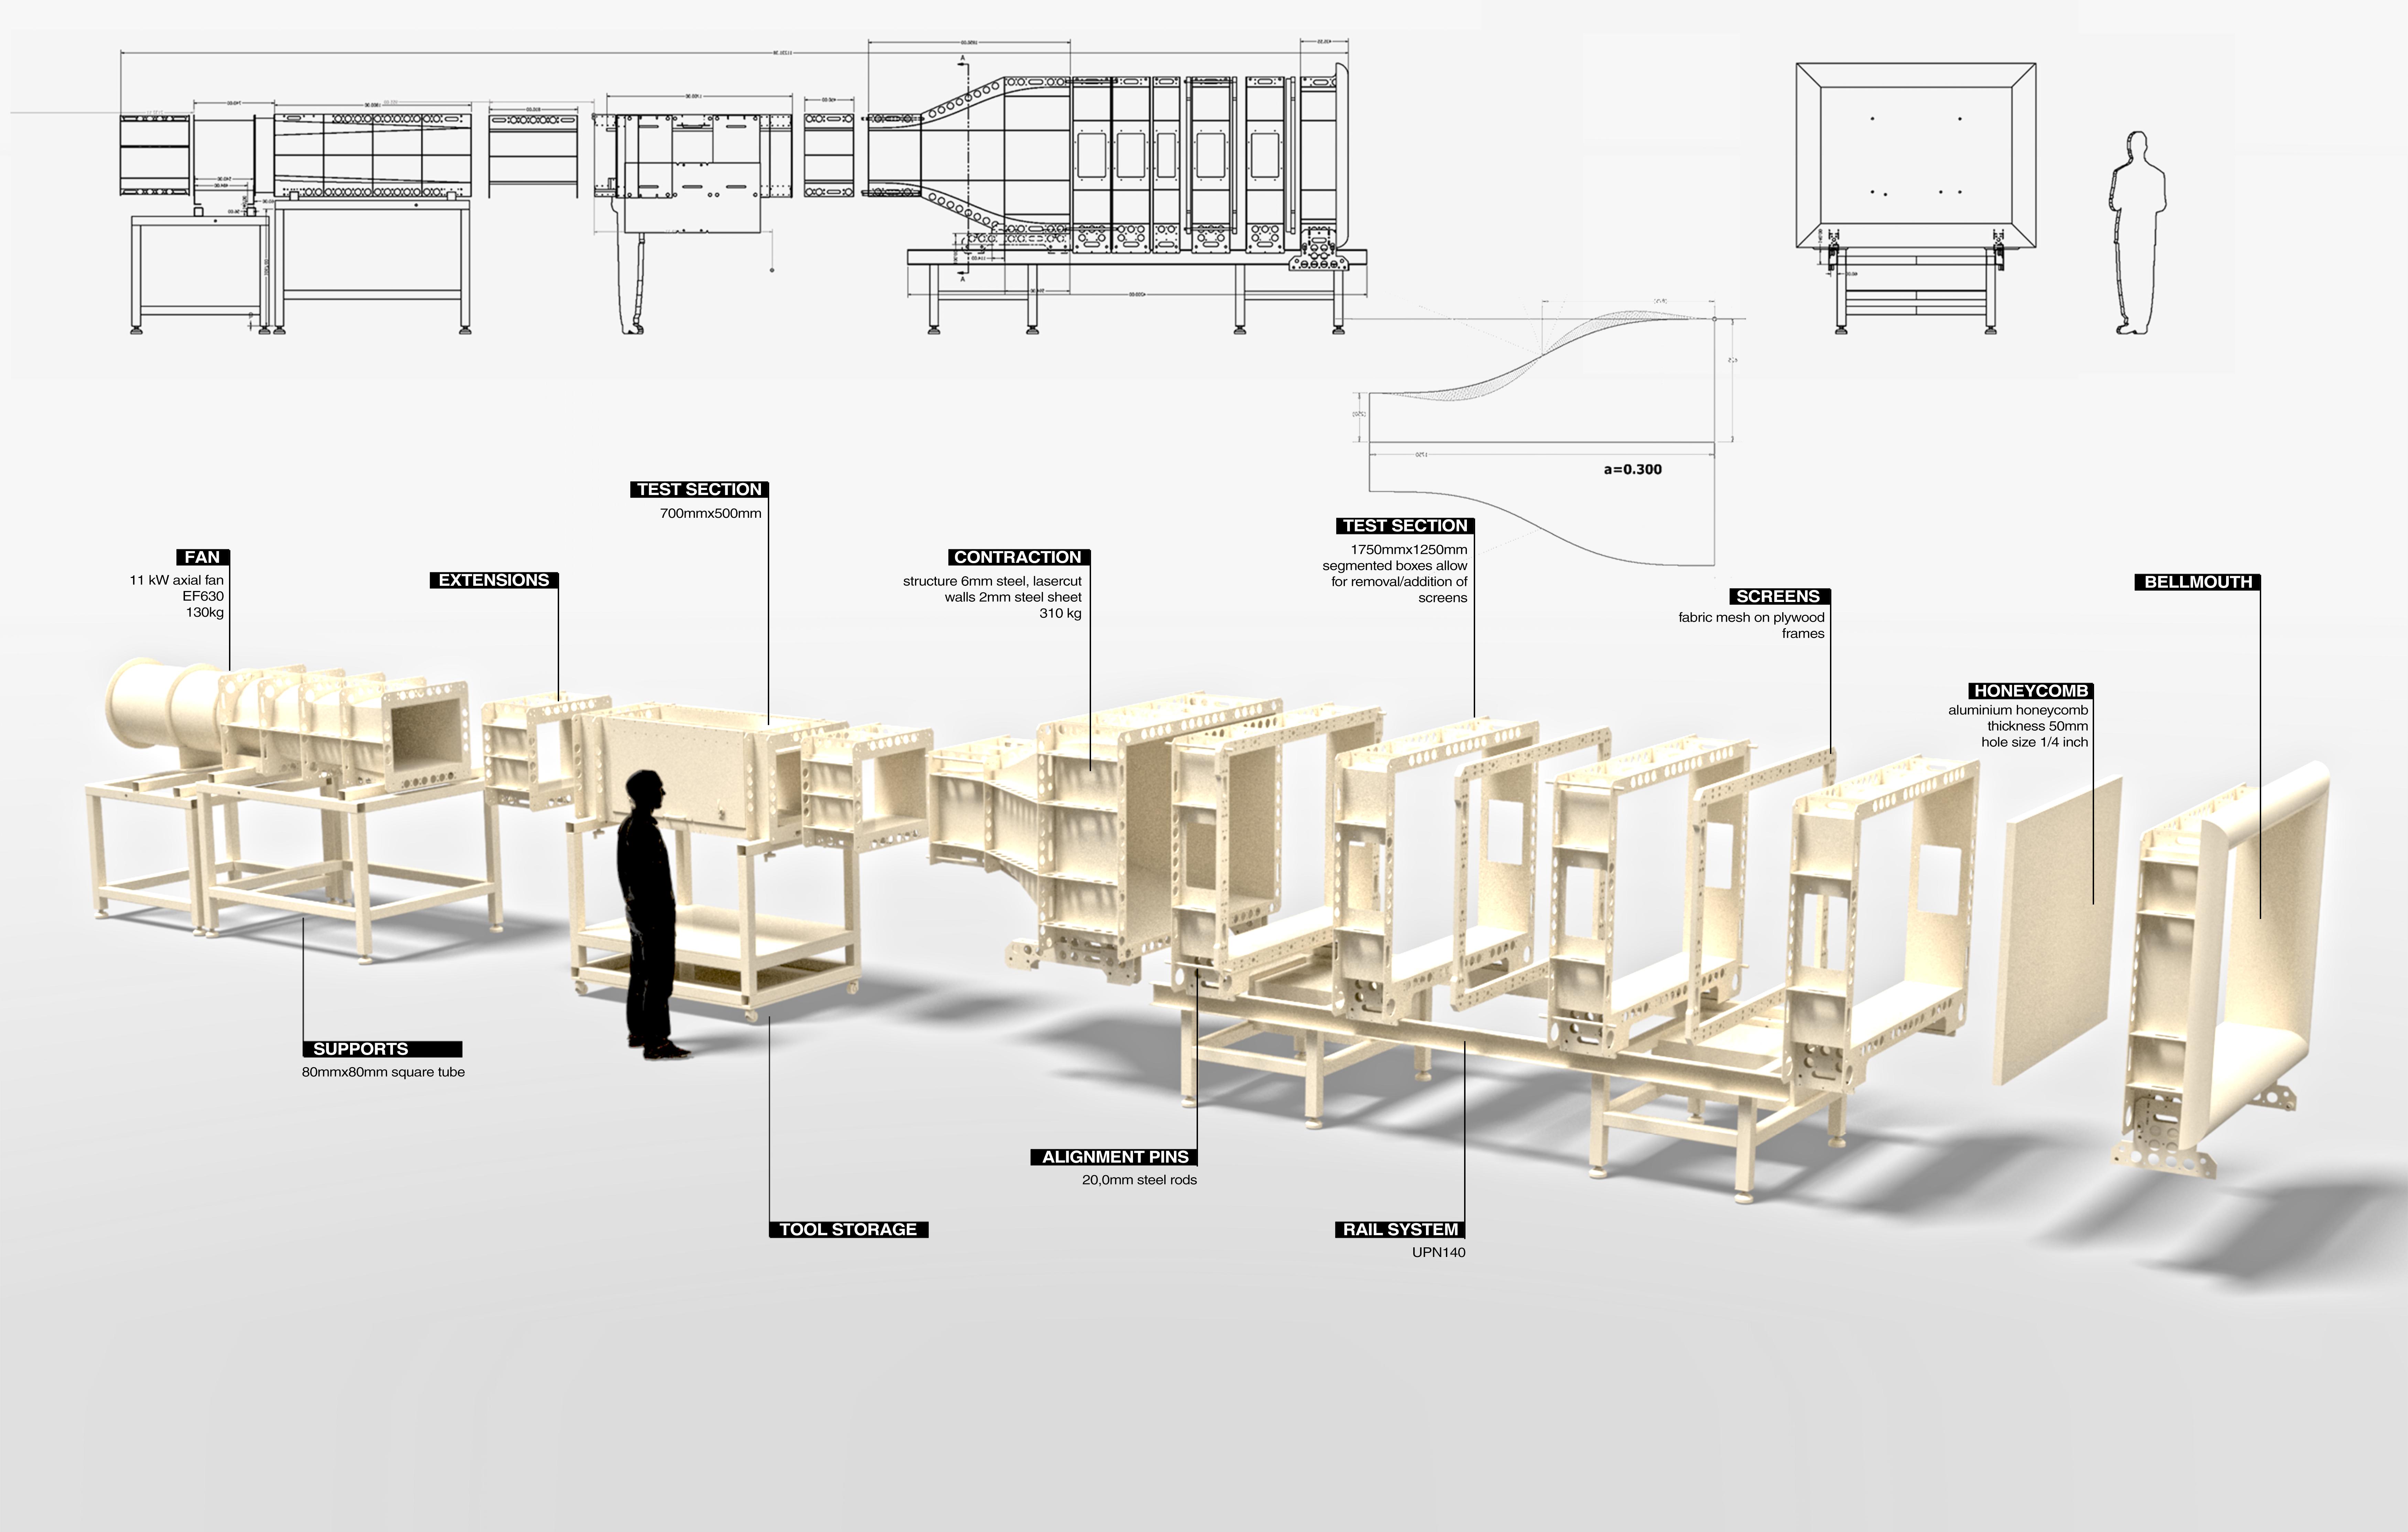 Windtunnel Design Amp Construction Part 2 Design